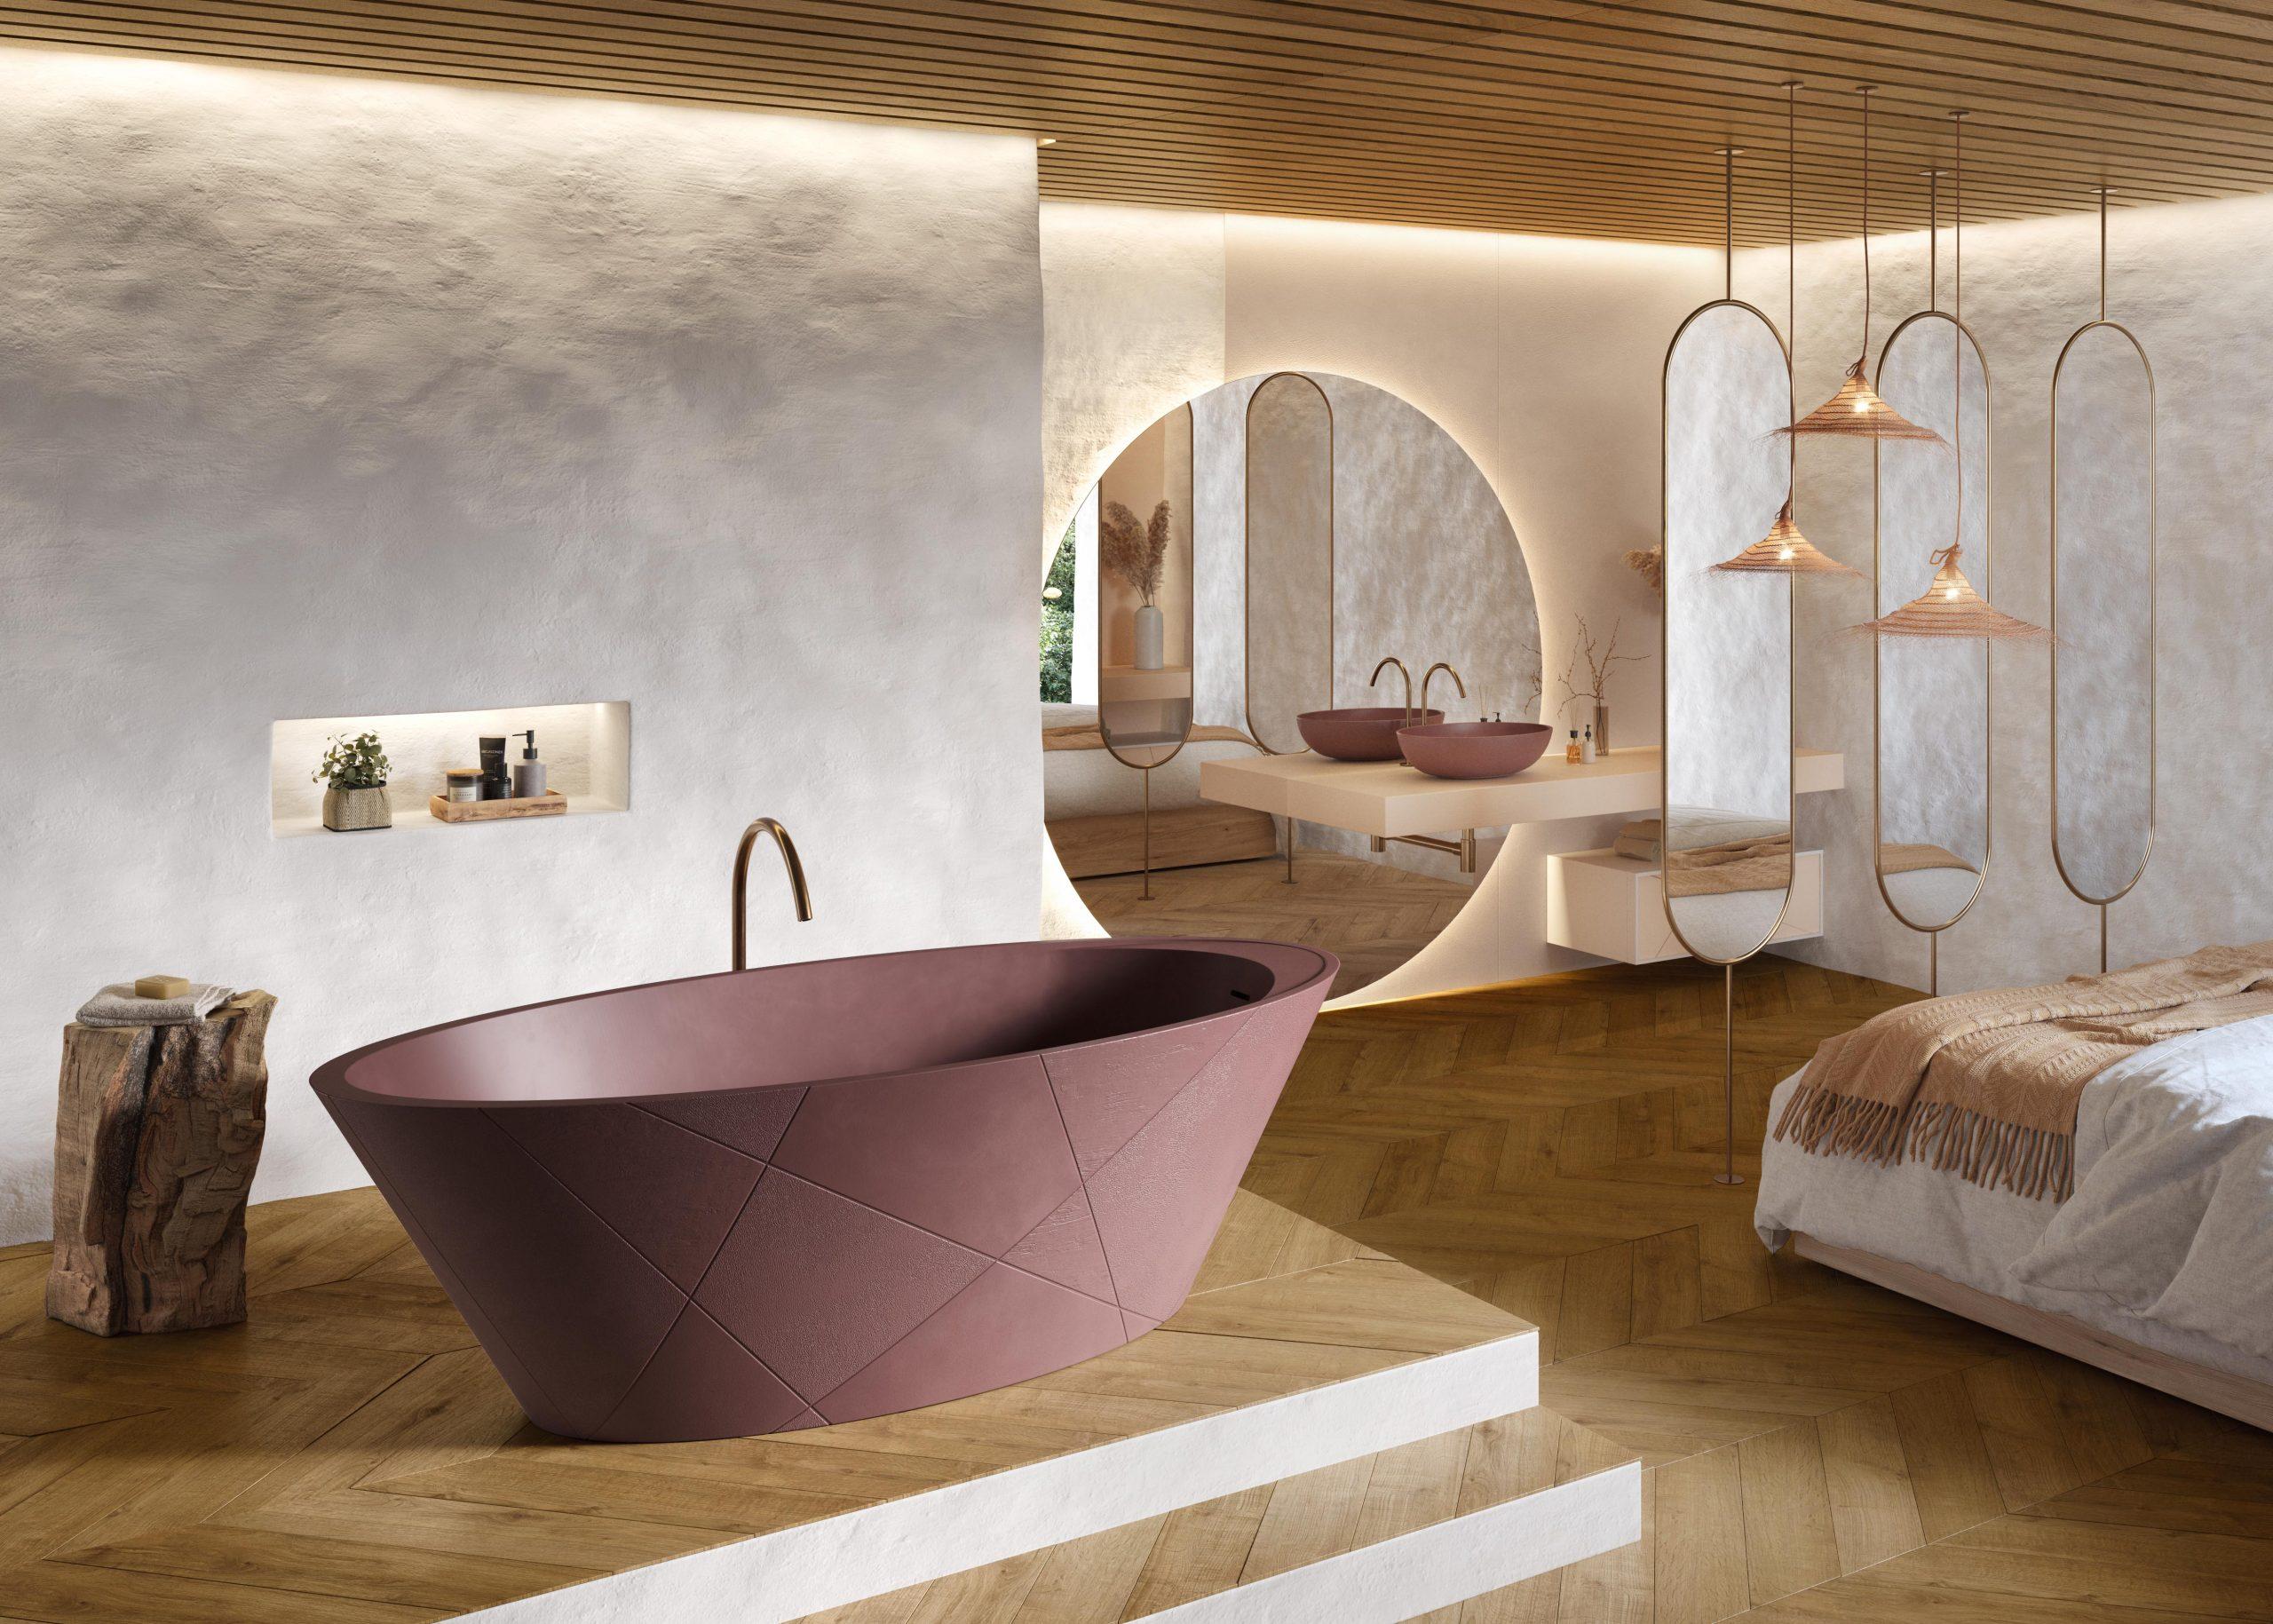 Comment concevoir une salle de bains en suite